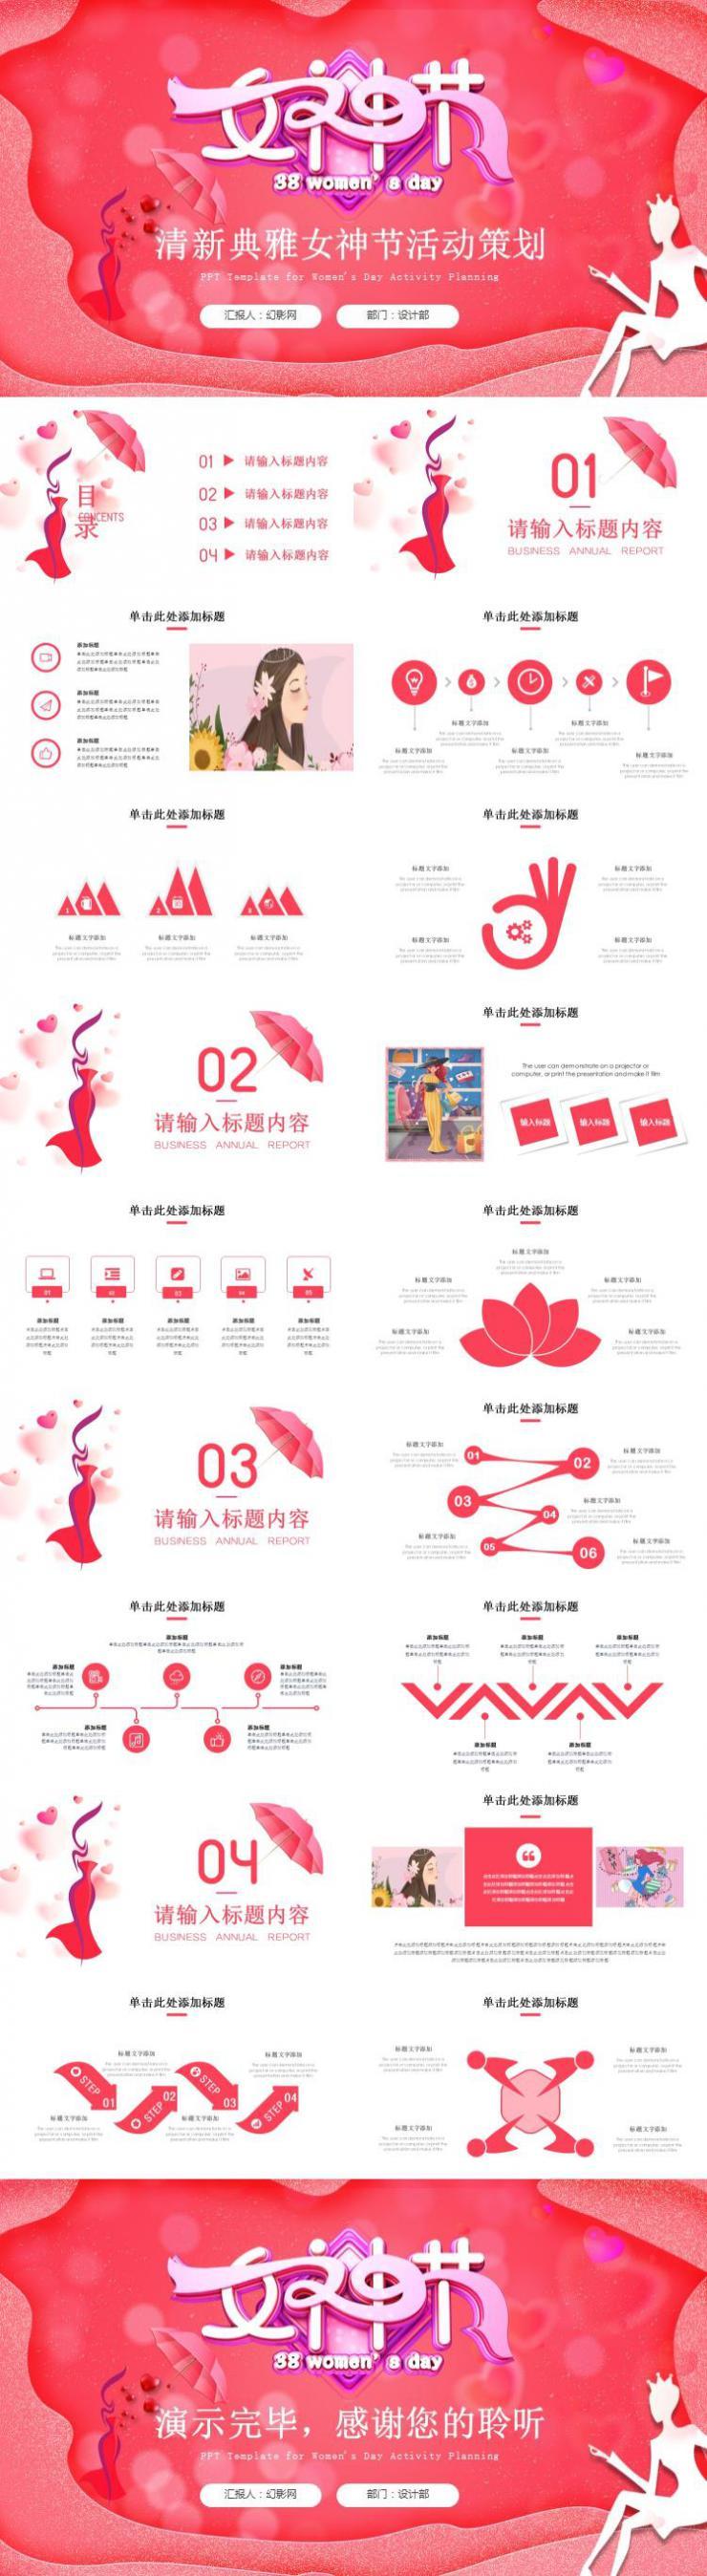 清新典雅女神节活动策划PPT模板下载